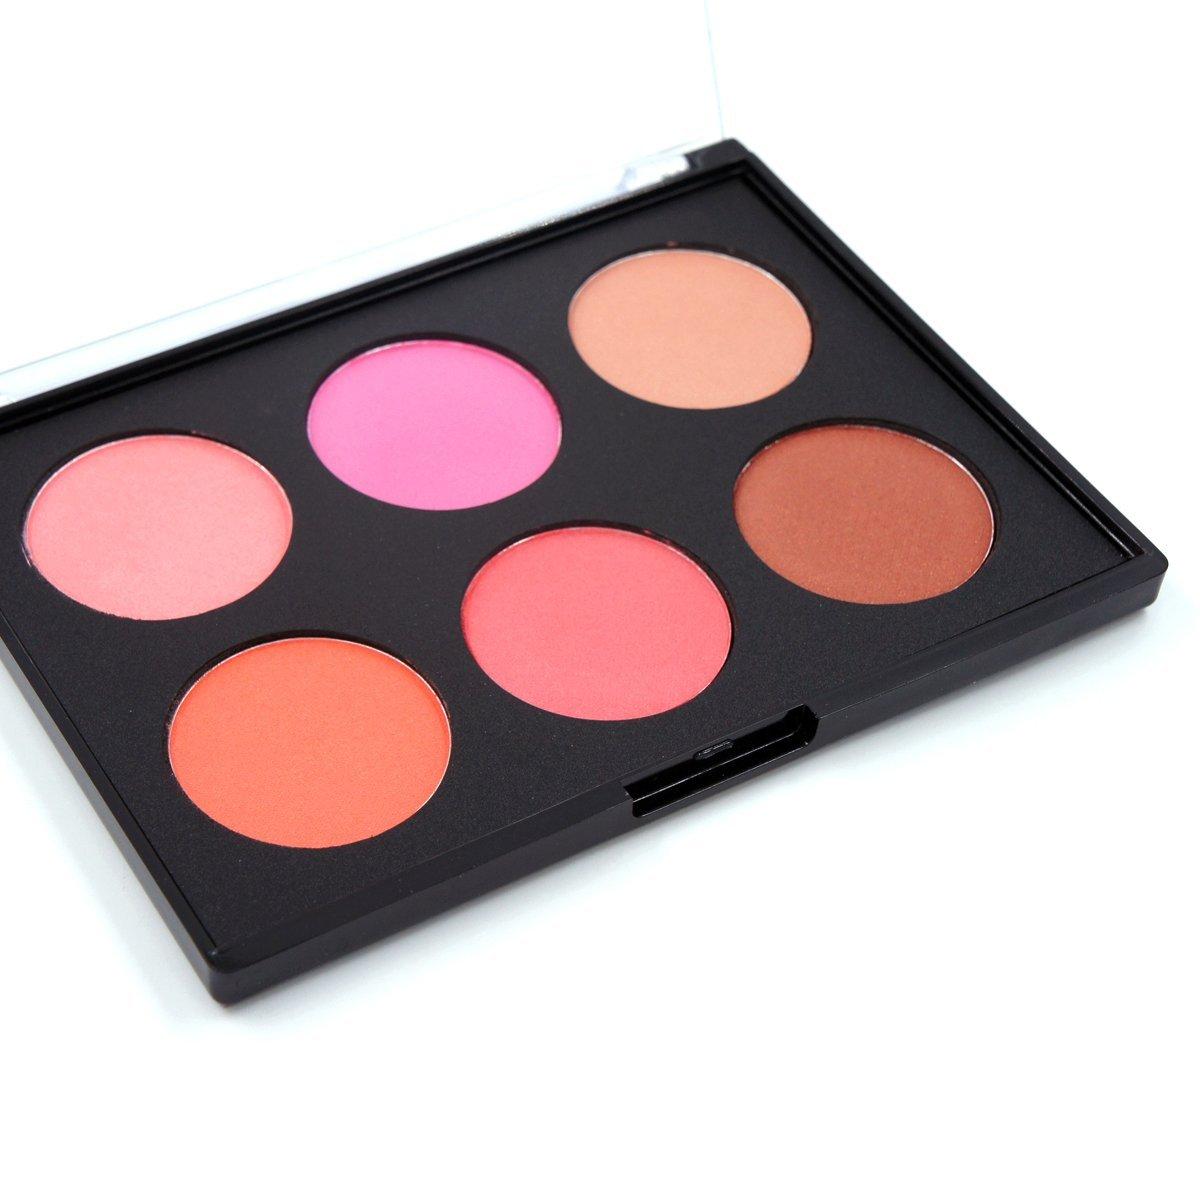 Miskos 6 màu kem dưỡng CONTOUR bảng màu tự nhiên pigmented CONTOUR blushes hấp dẫn lâu dài pallet ke